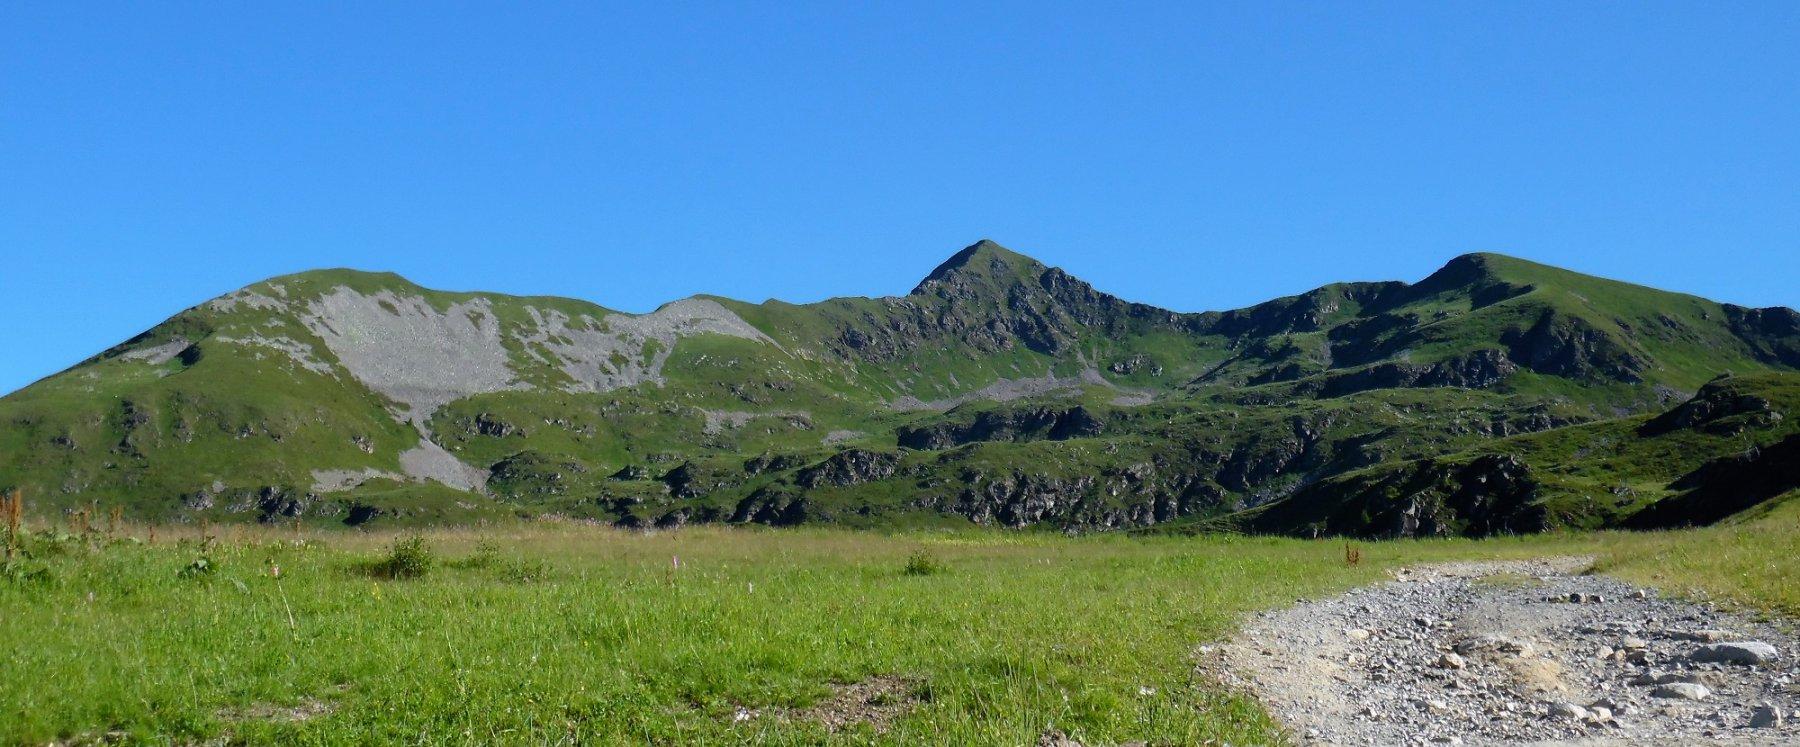 Monte Toro cresta sud-ovest e sud-est